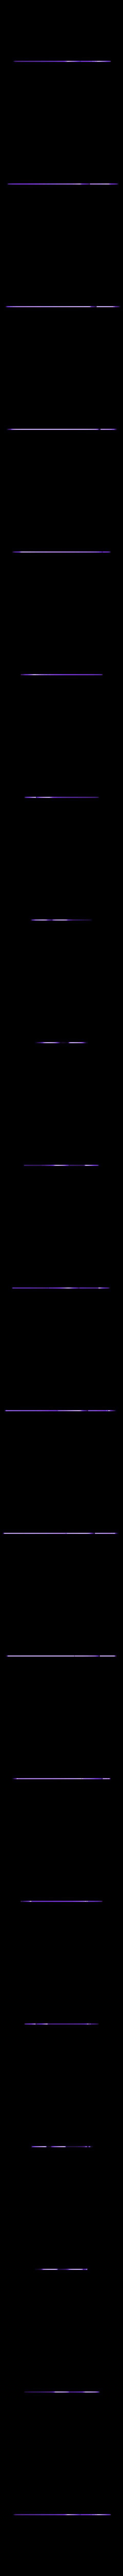 """N-3.stl Télécharger fichier STL gratuit LED light letters """"Why not?"""" • Objet pour impression 3D, dukedoks"""